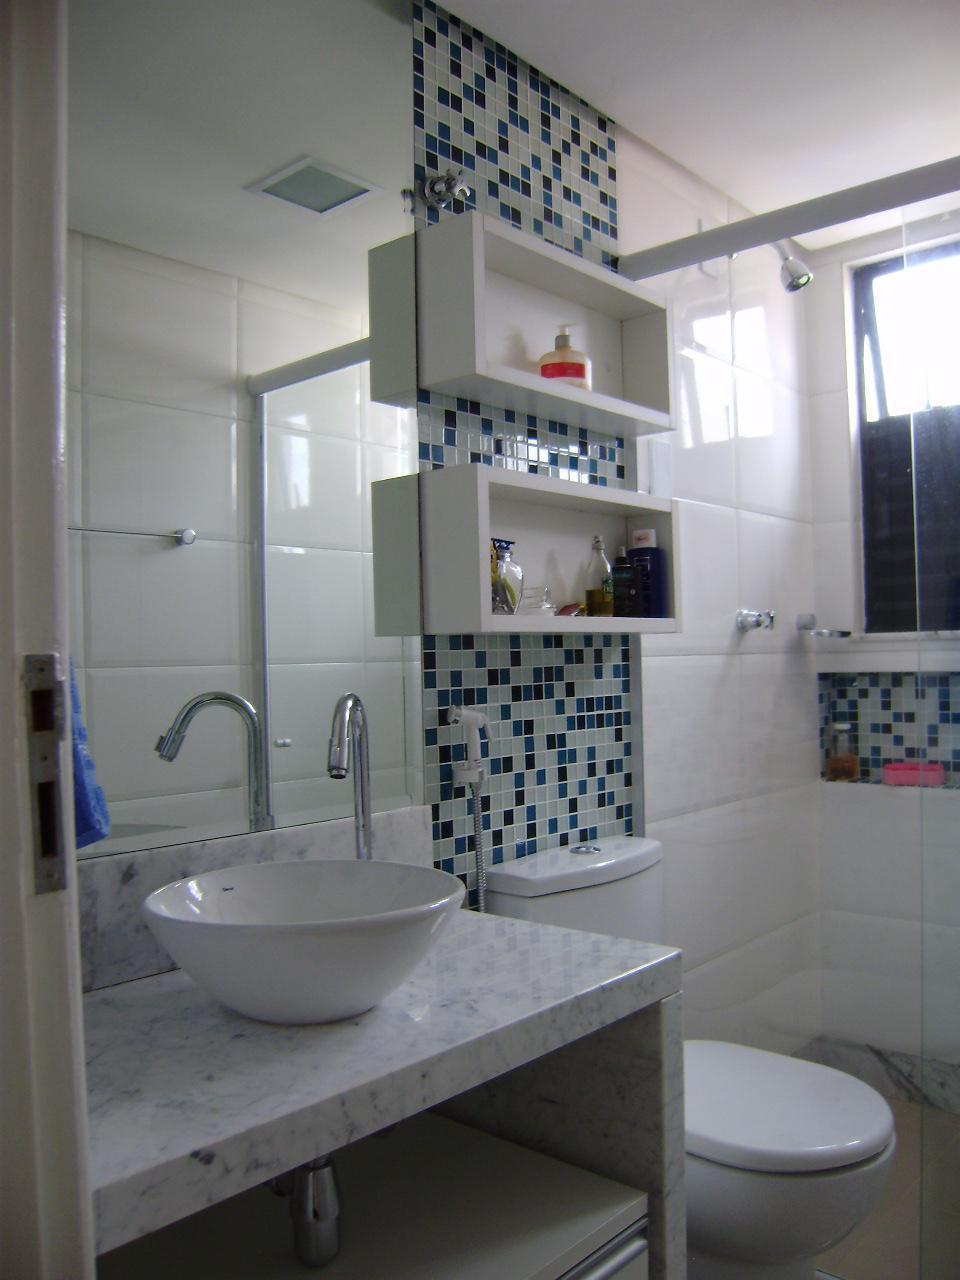 Decoração para banheiros pequenos com pastilhas  Decorando Casas -> Decoracao Com Pastilhas De Vidro Em Banheiro